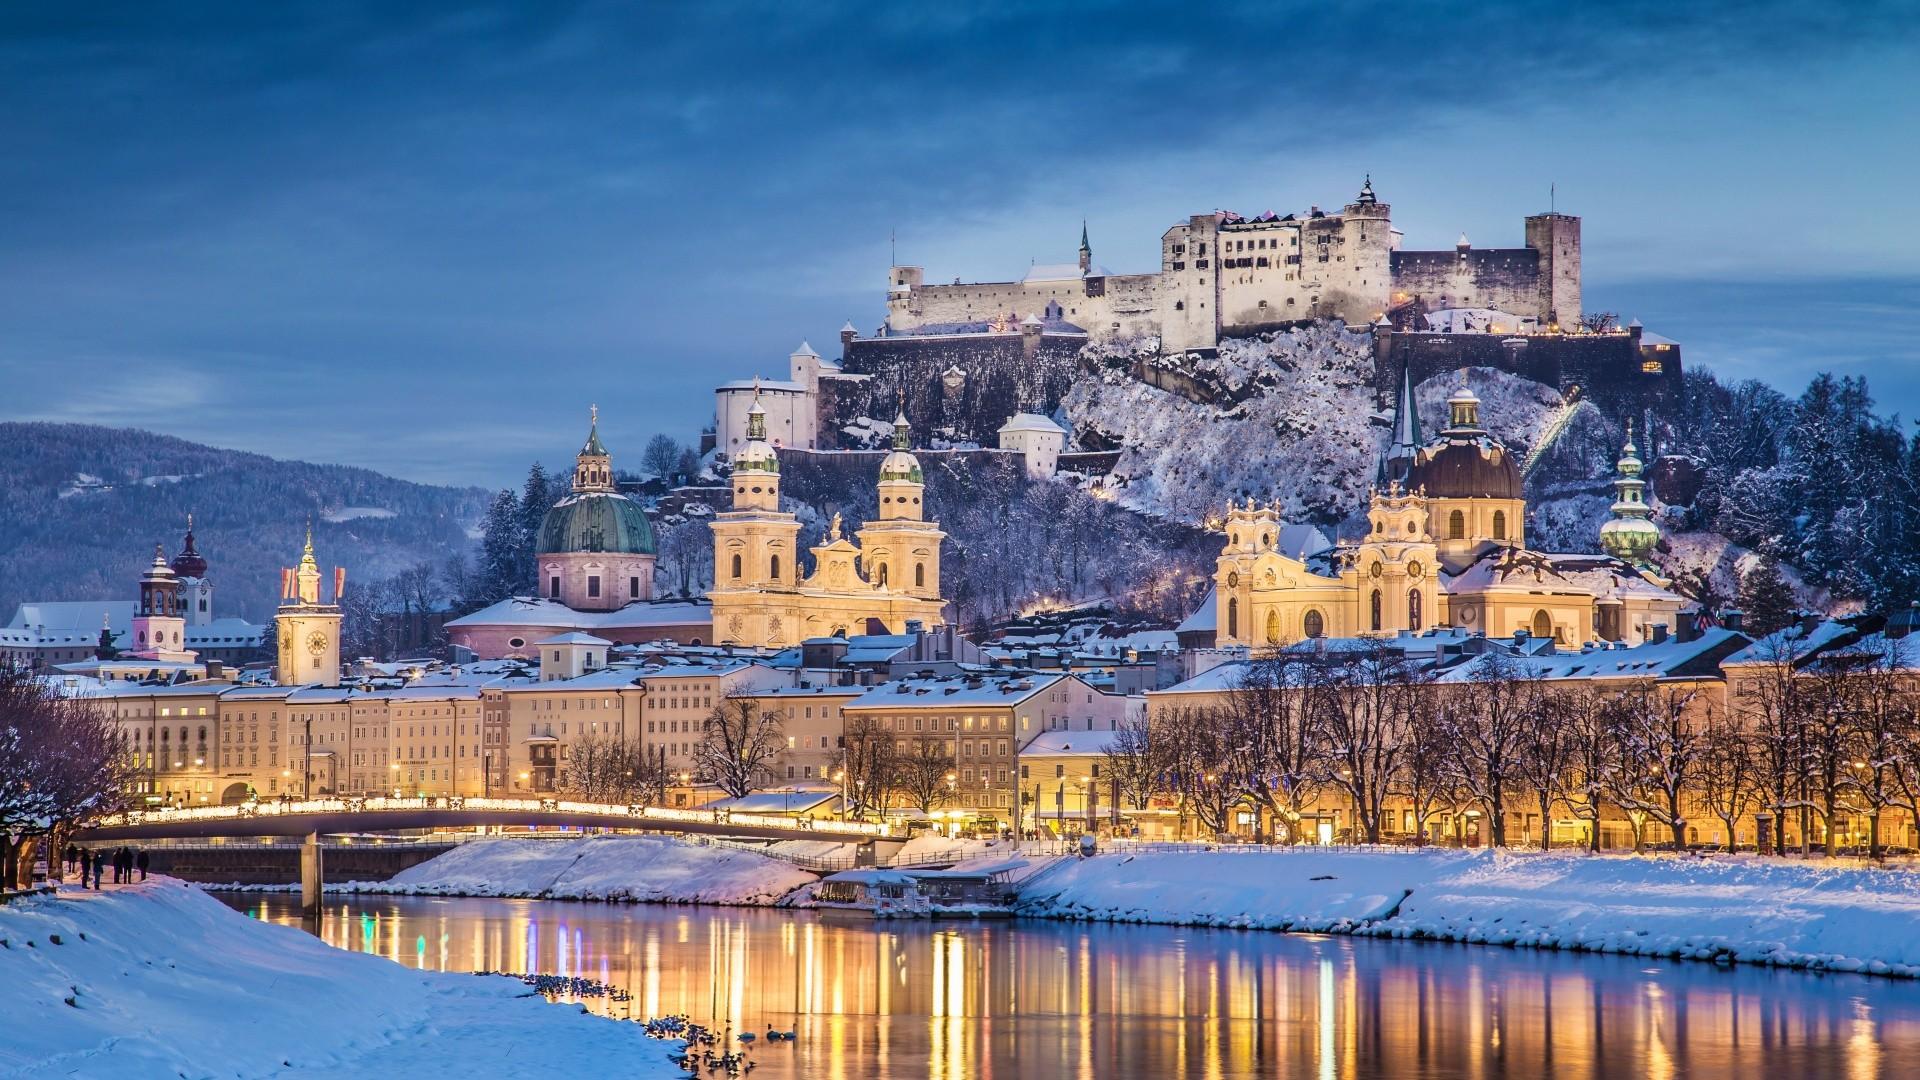 зимний вечер в польше картинка говорю про потрясающе